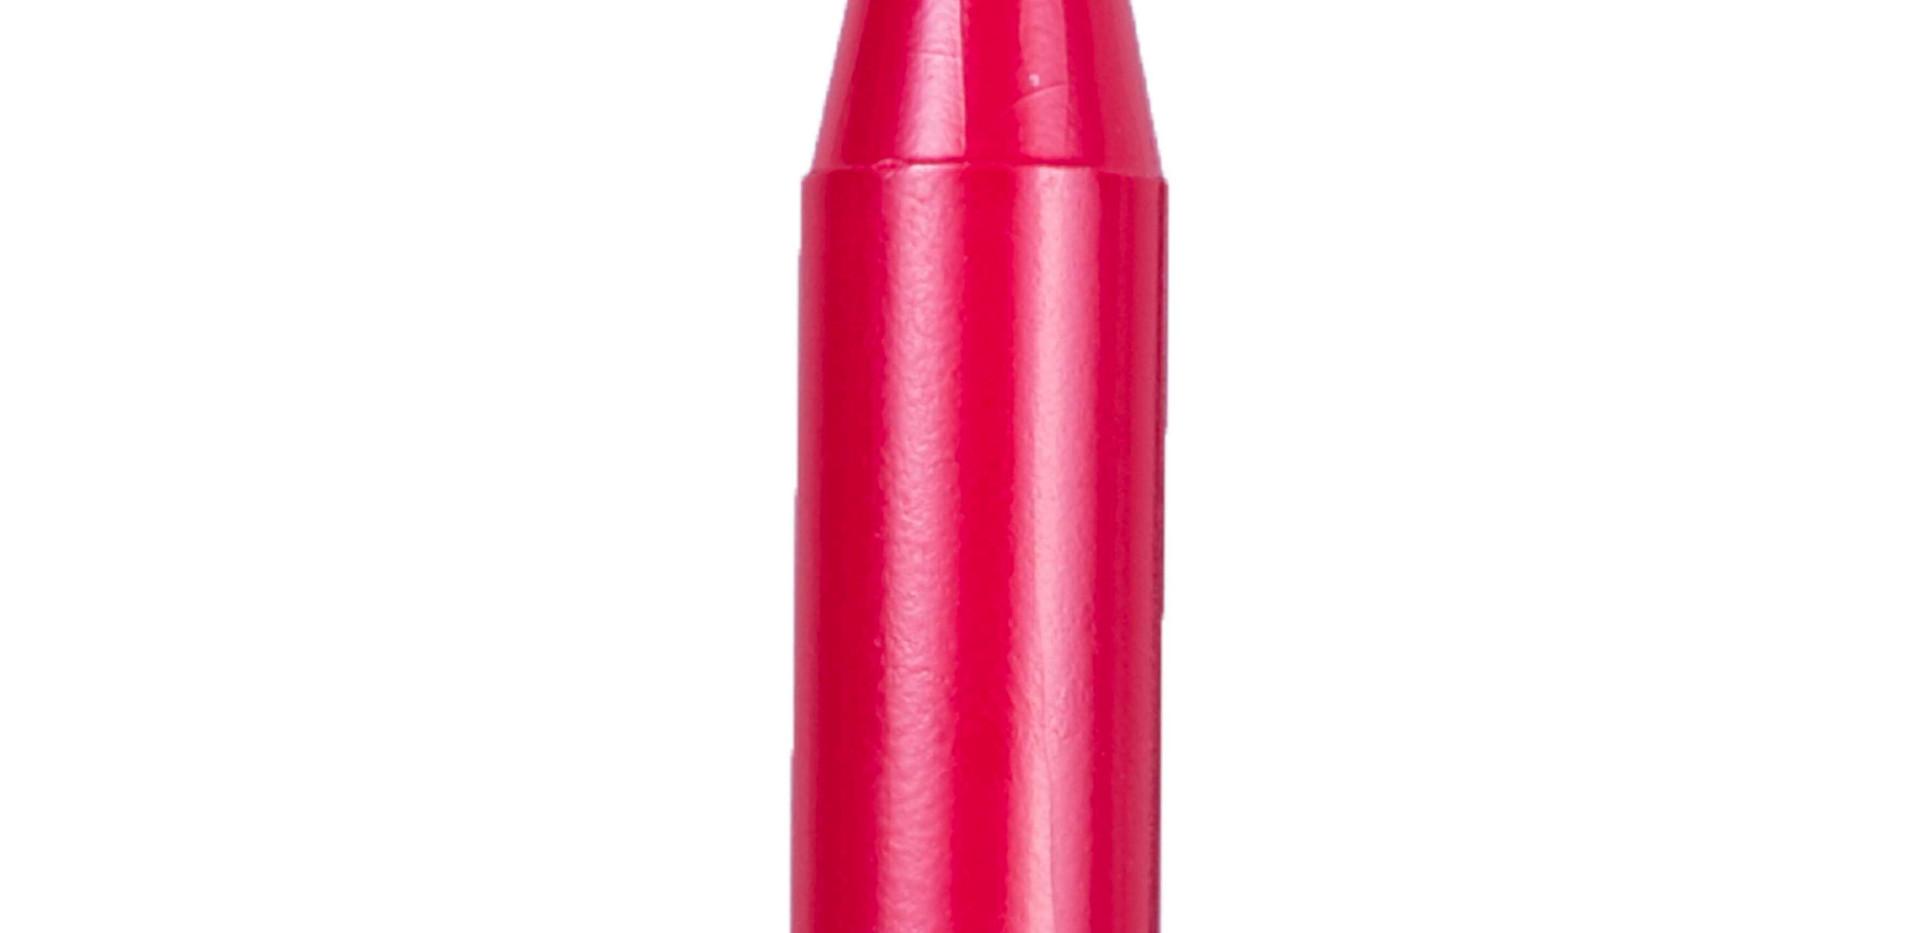 Lápis de Olho Neon Dapop - HB98007 (cor 10)